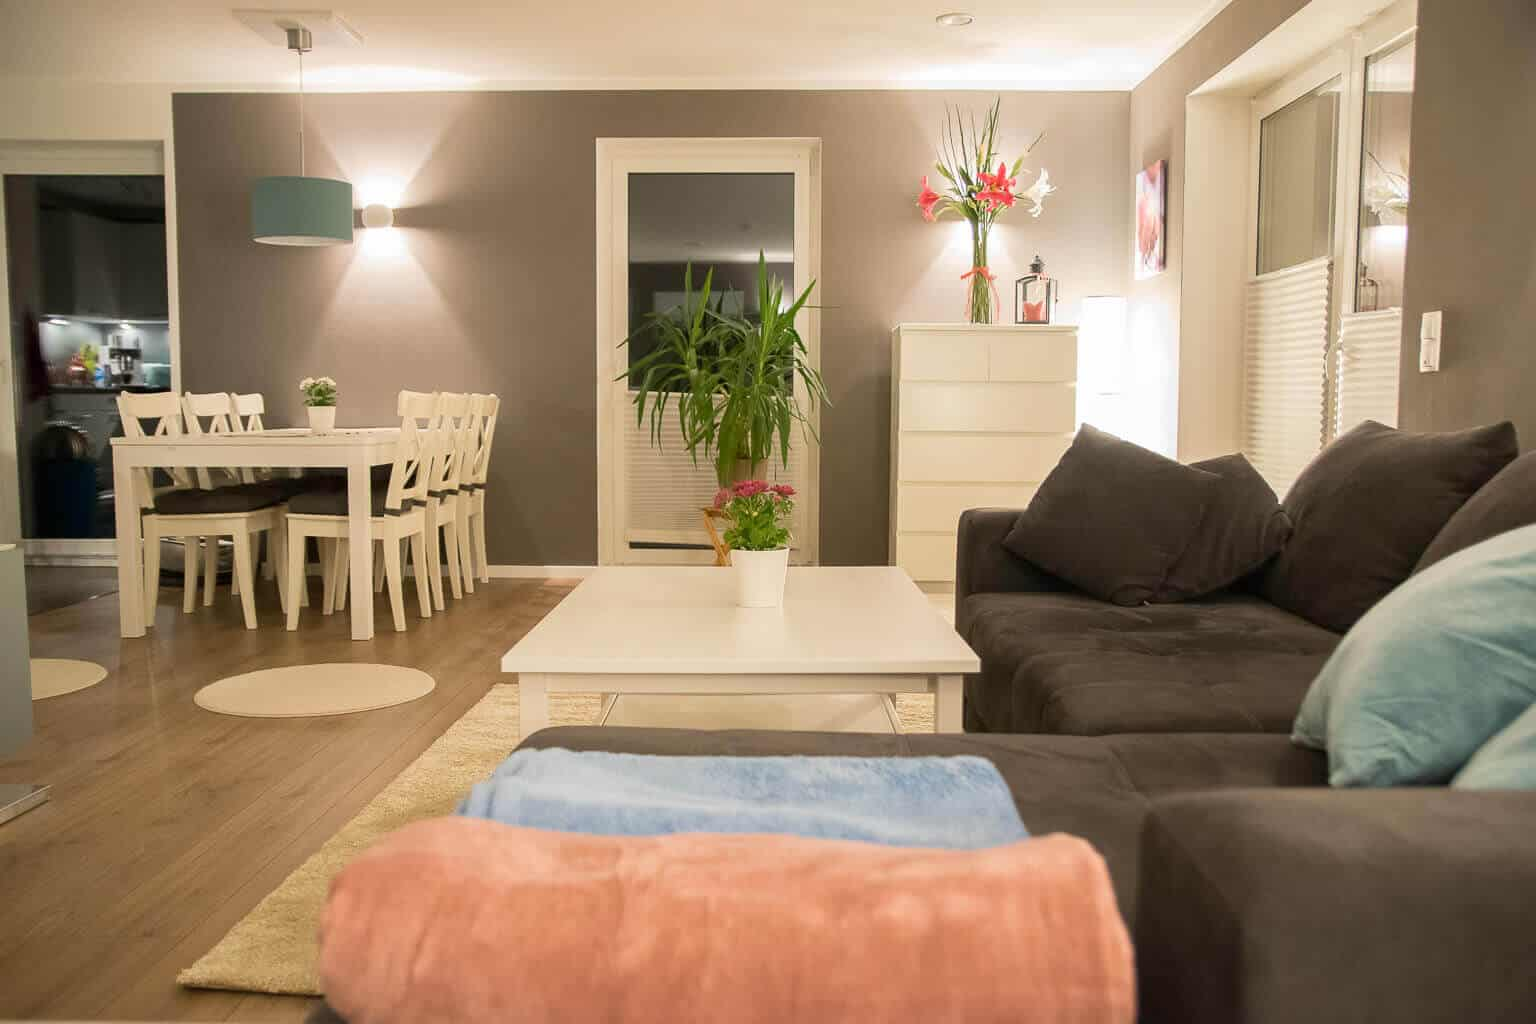 Graue Wände im Wohnzimmer mit hellen Möbeln und bunten Decken